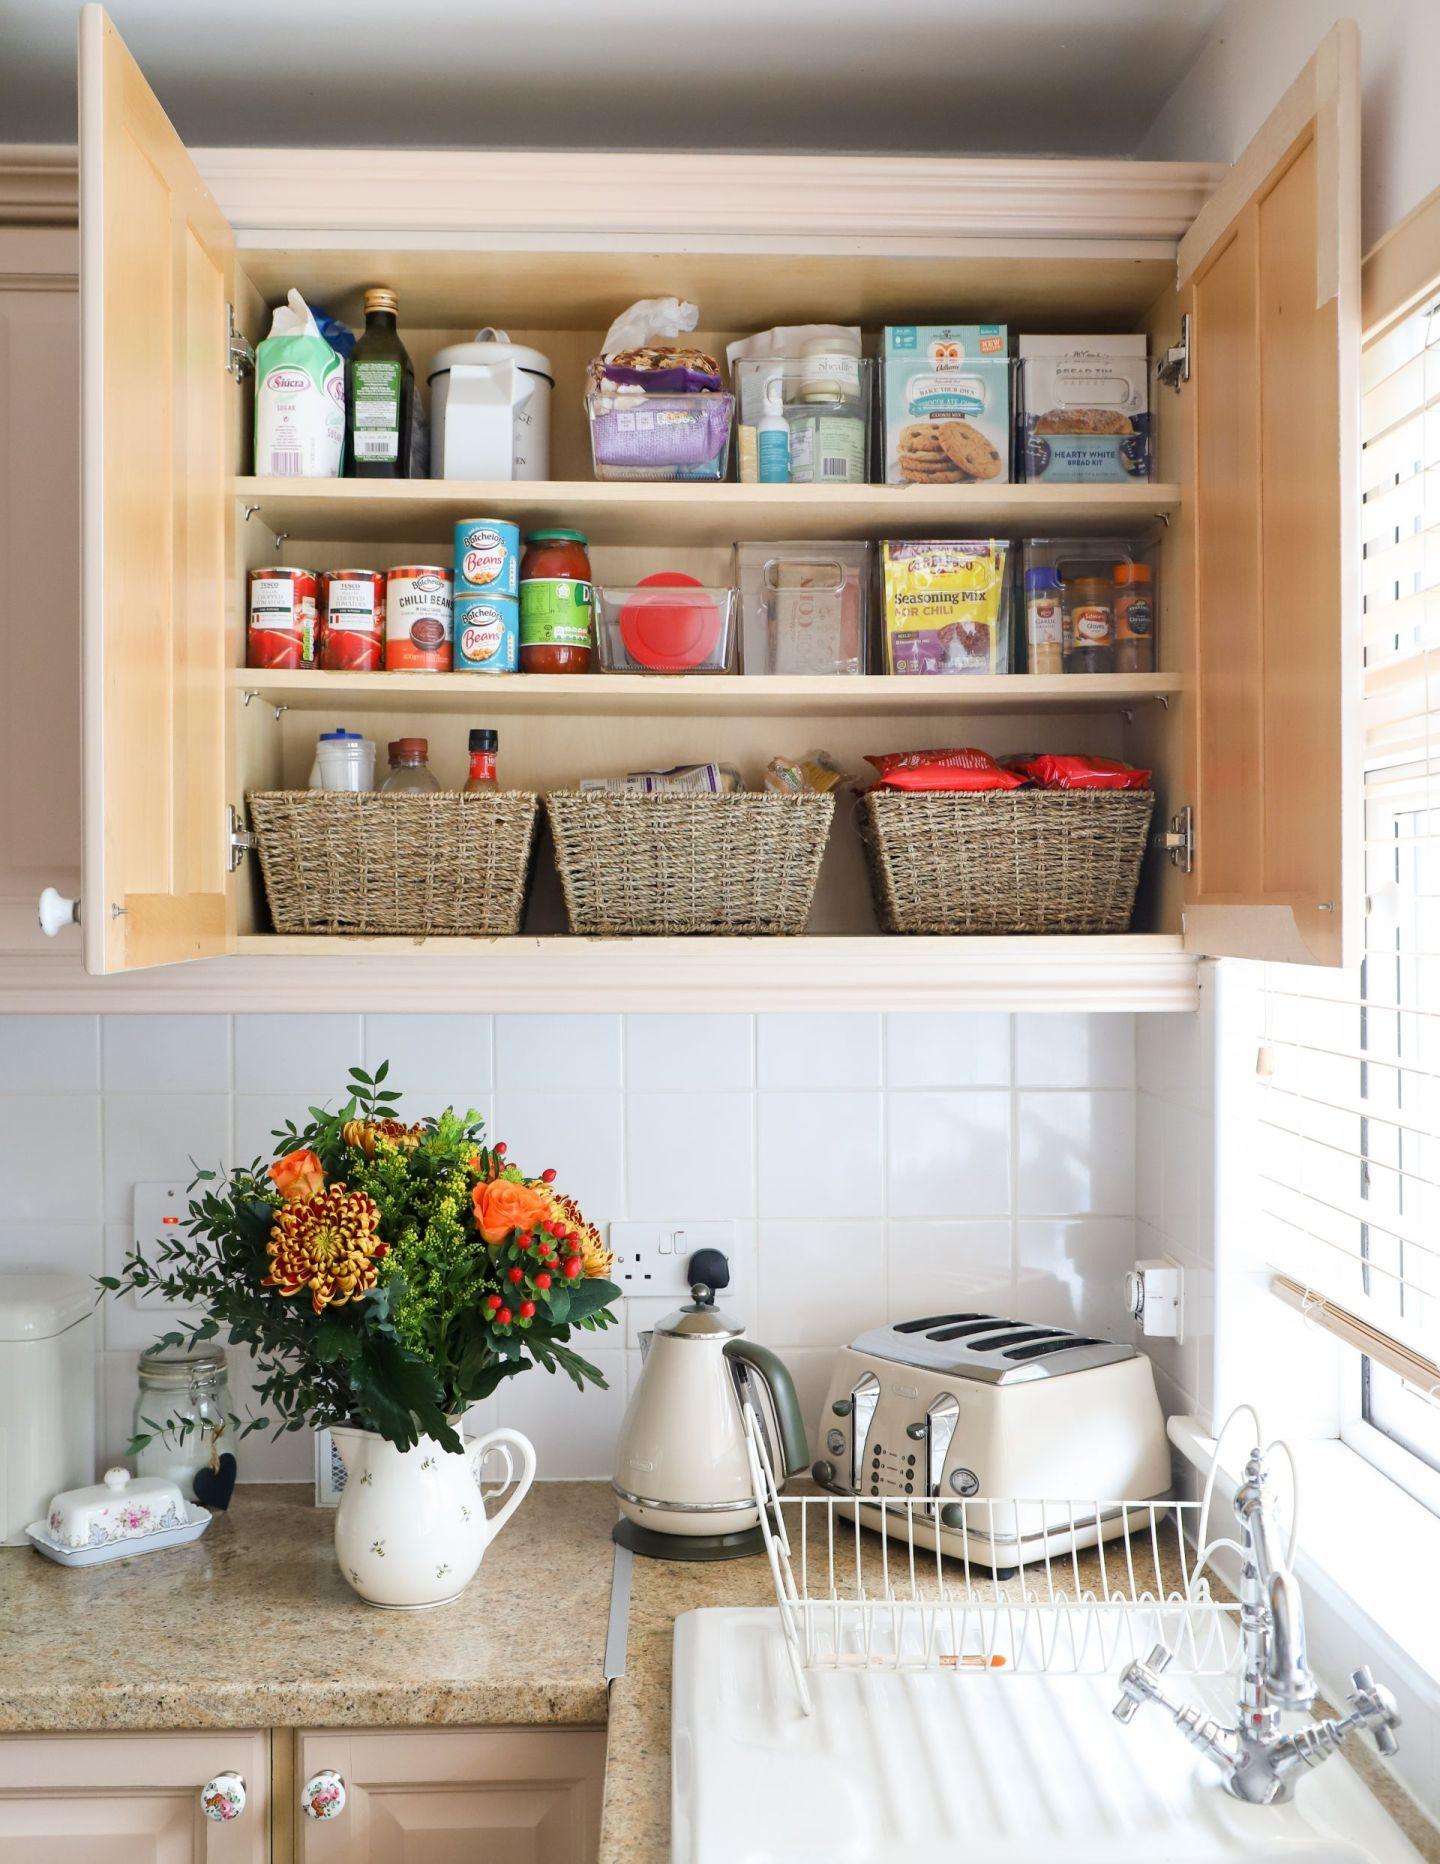 Mách bạn 5 cách sắp xếp nhà bếp gọn gàng và sạch sẽ - Ảnh 3.